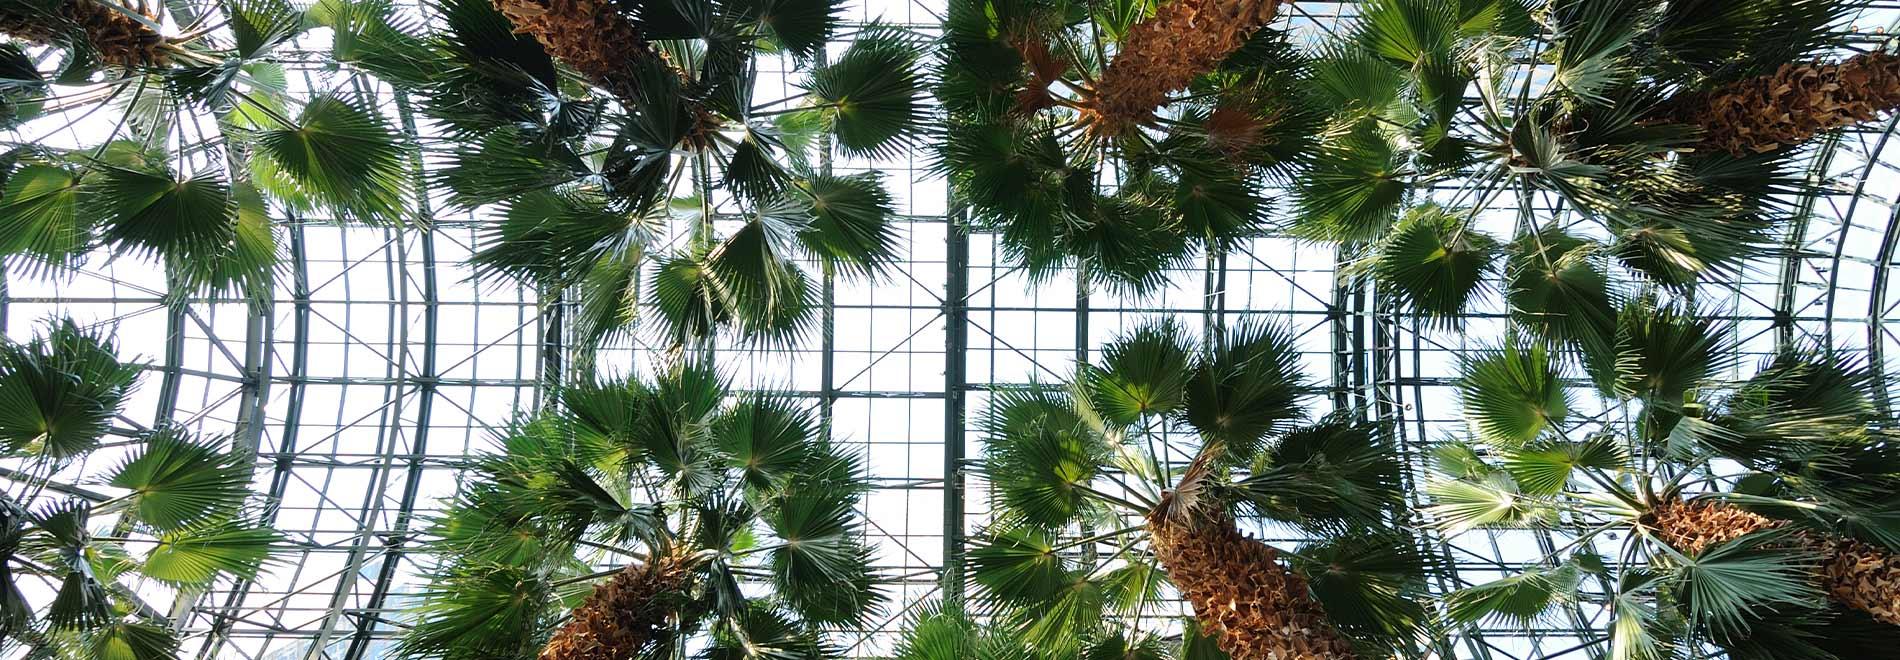 atrium-plants